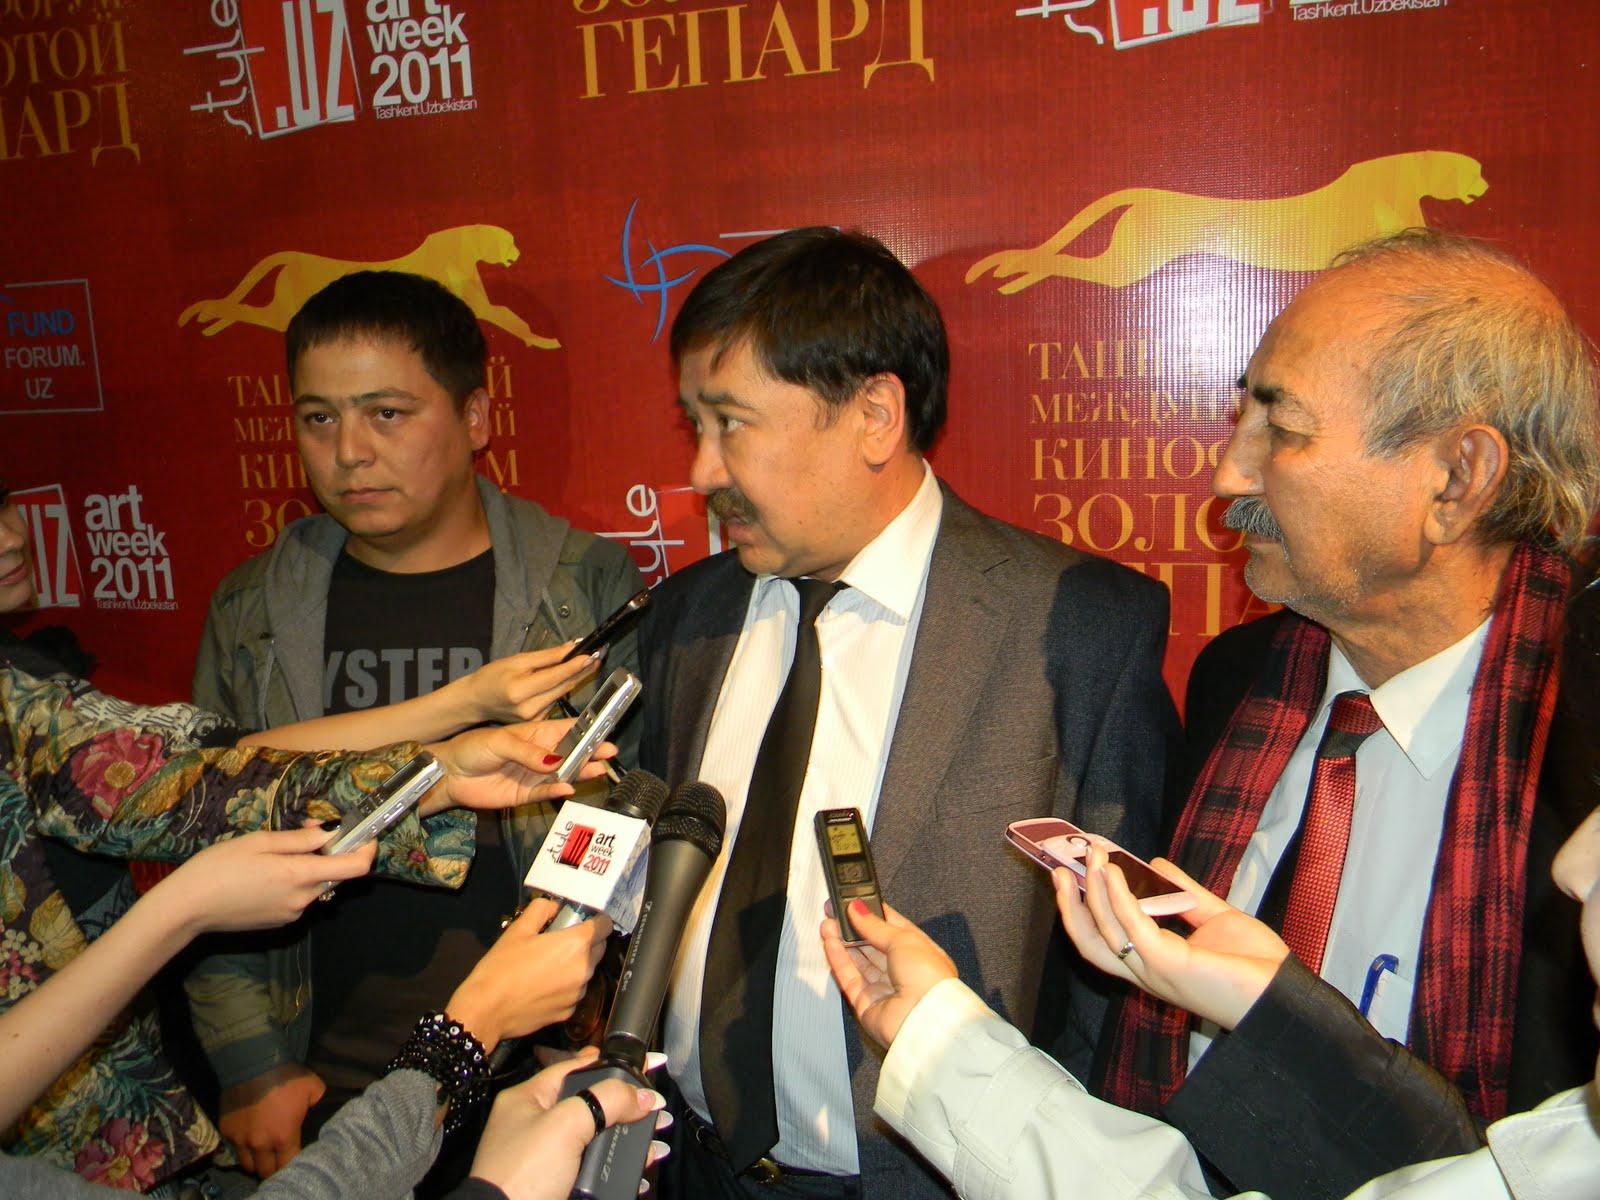 Режиссер Зульфикар Мусаков снимает новый фильм о молодежи